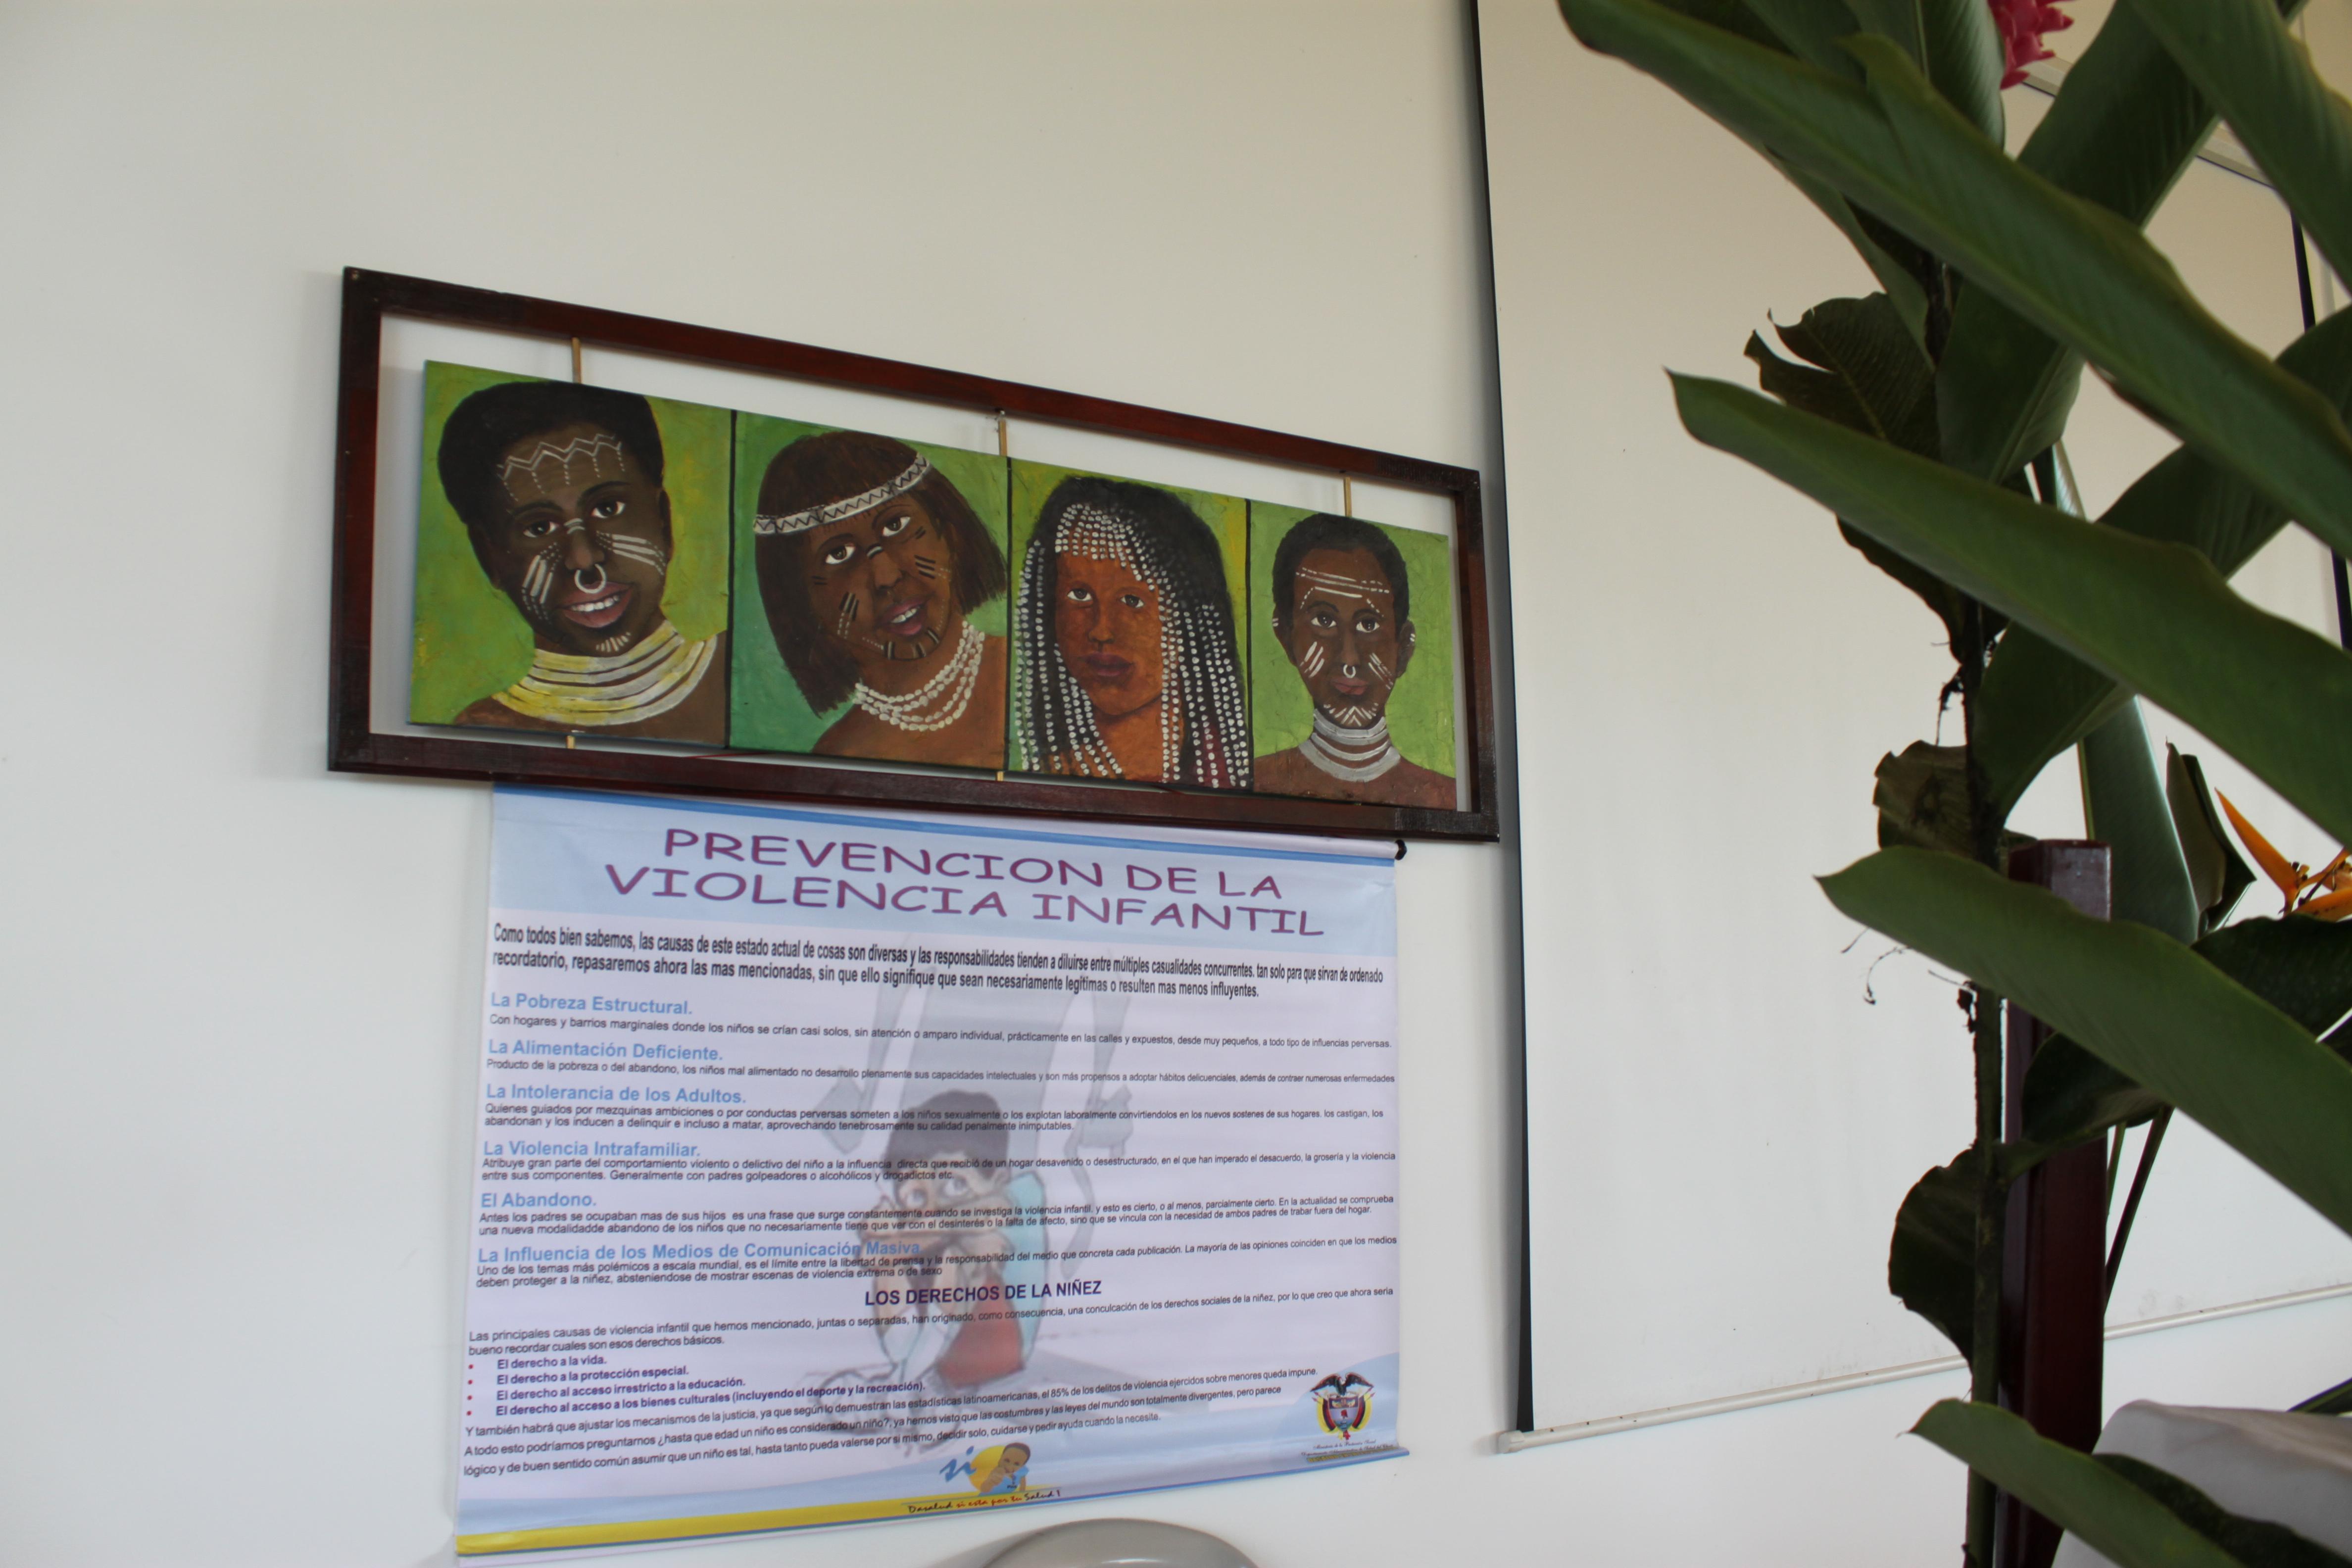 Se promovió el fortalecimiento de 101 instituciones locales y organizaciones para la atención de víctimas del conflicto armado